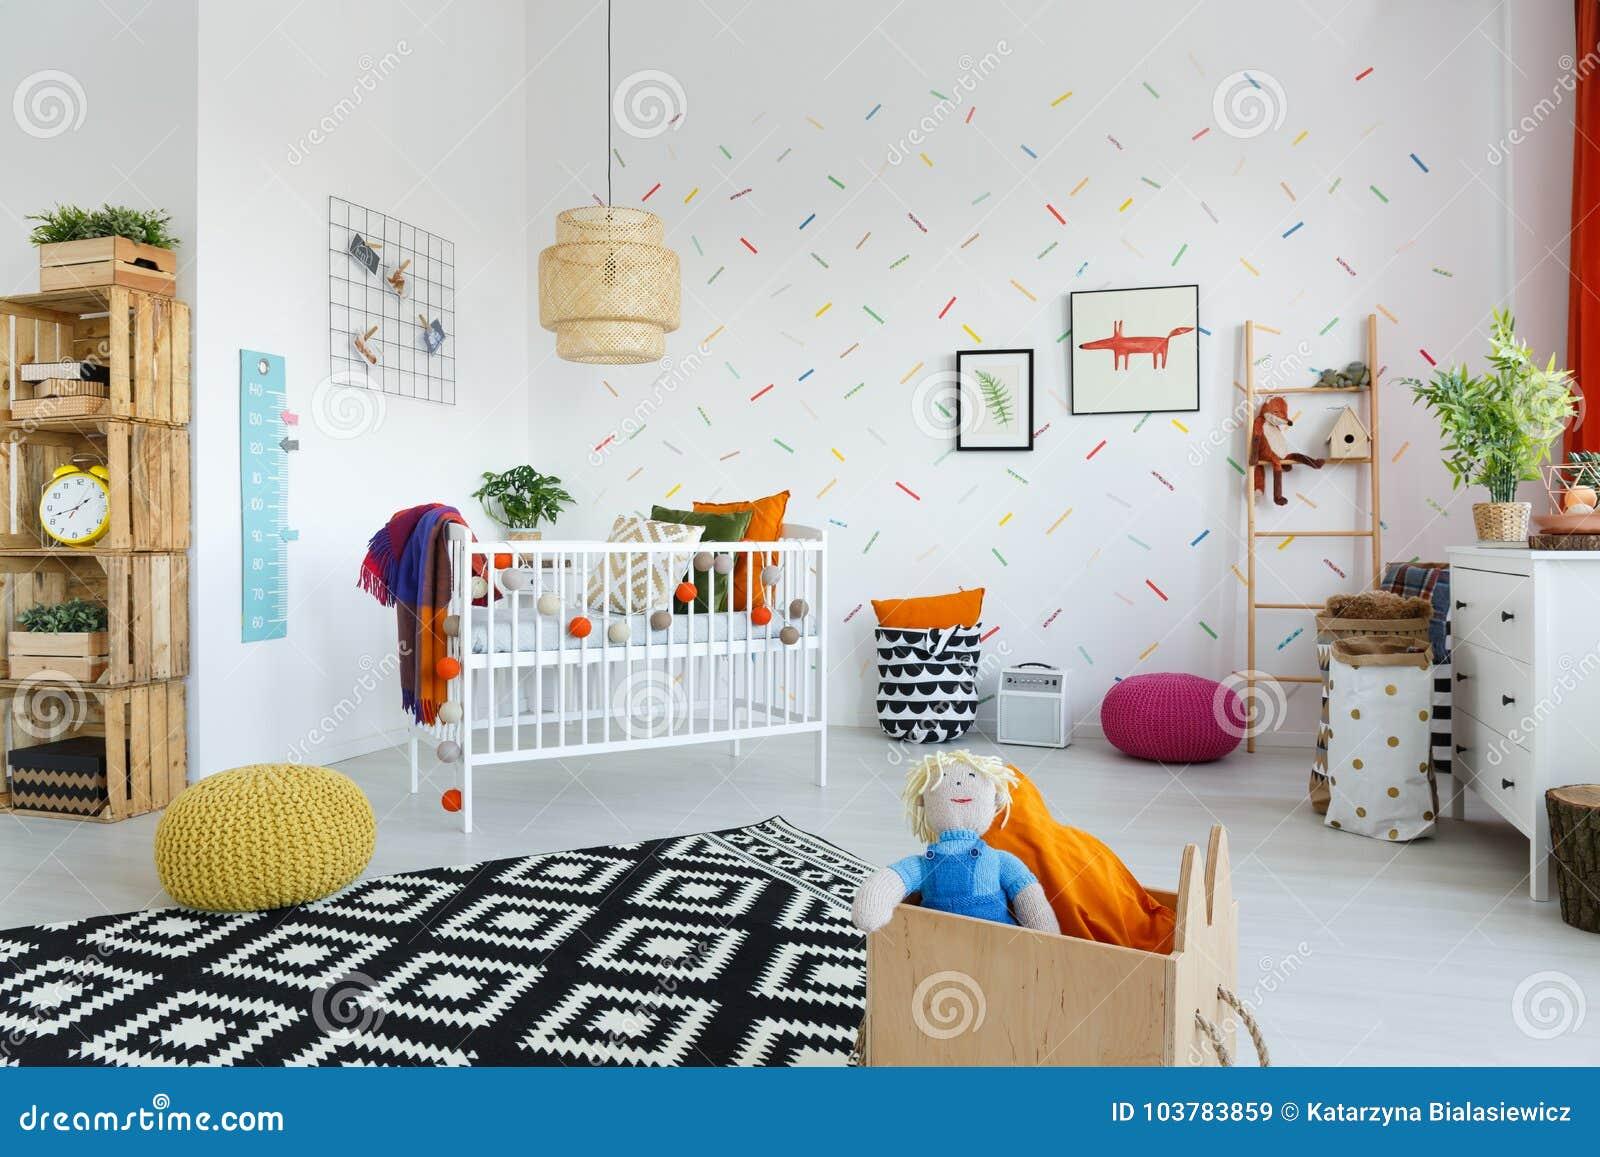 Scandinavian style baby`s room